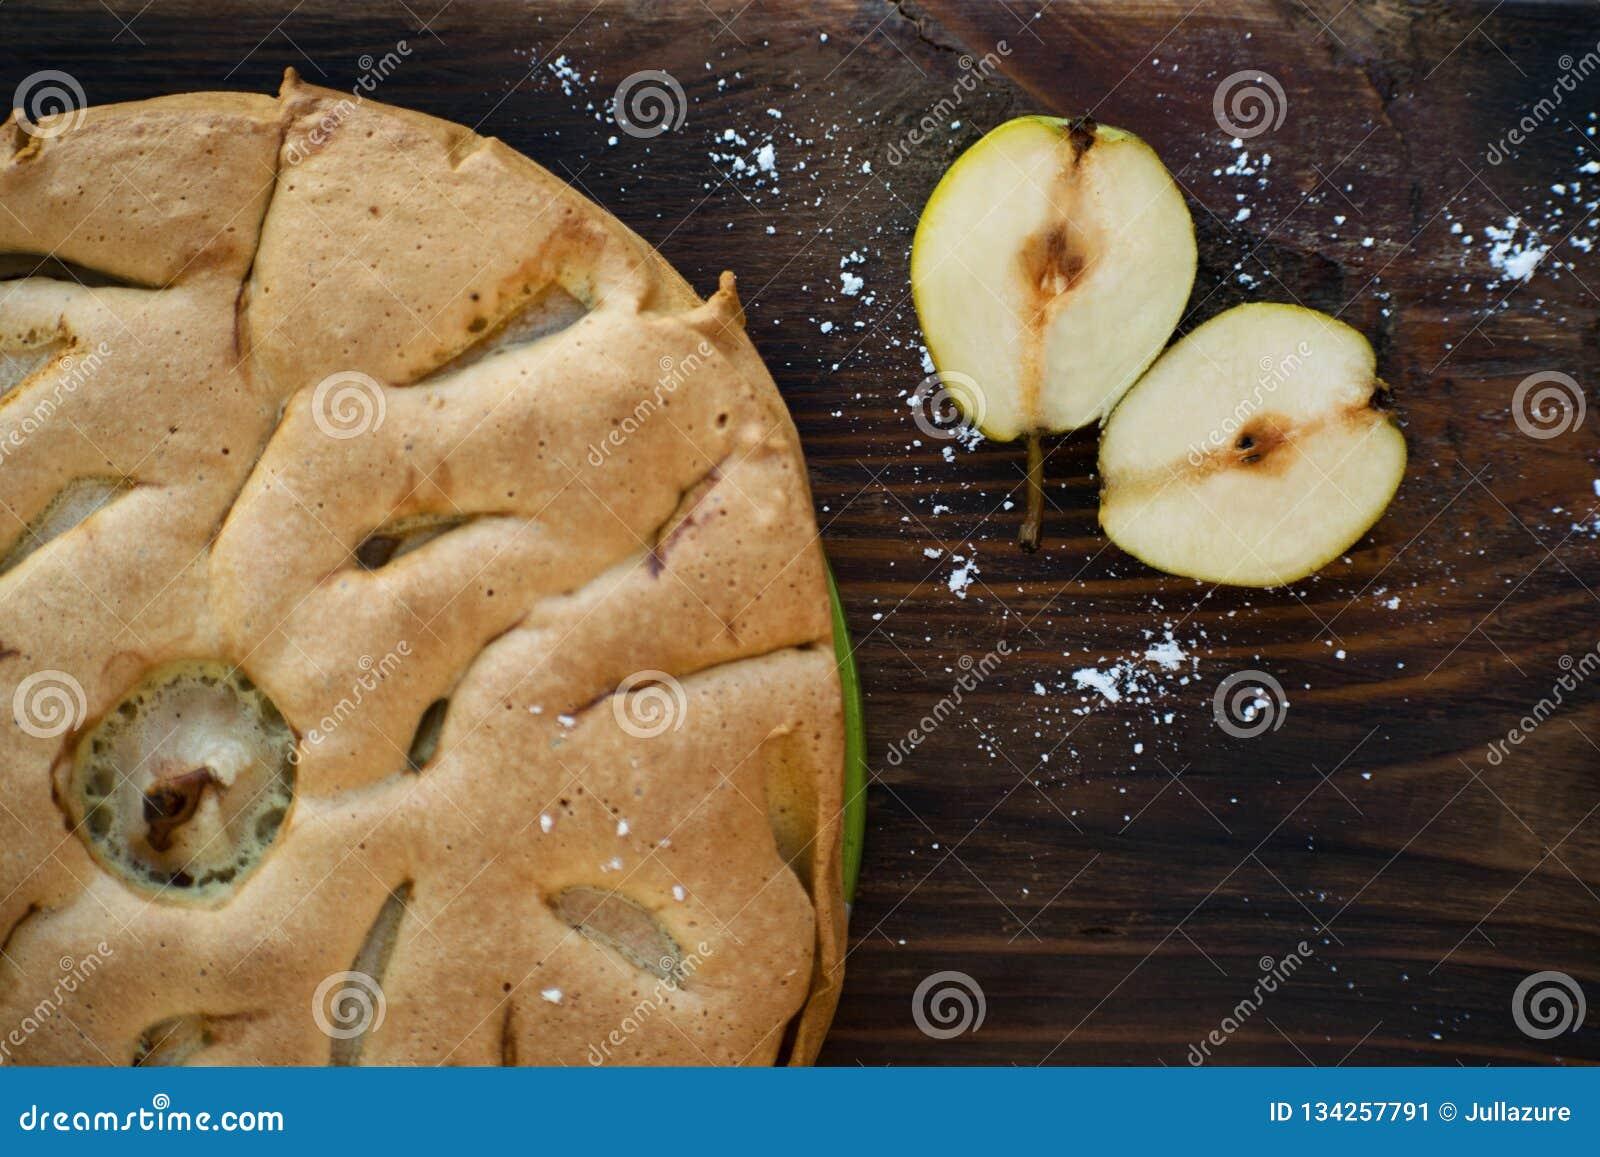 Εύγευστο αχλάδι ξινό στον πίνακα Πίτα tatin αχλαδιών στον ξύλινο πίνακα Σπιτικός οργανικός φρέσκος πίτα ή ξινός φρούτων αχλαδιών